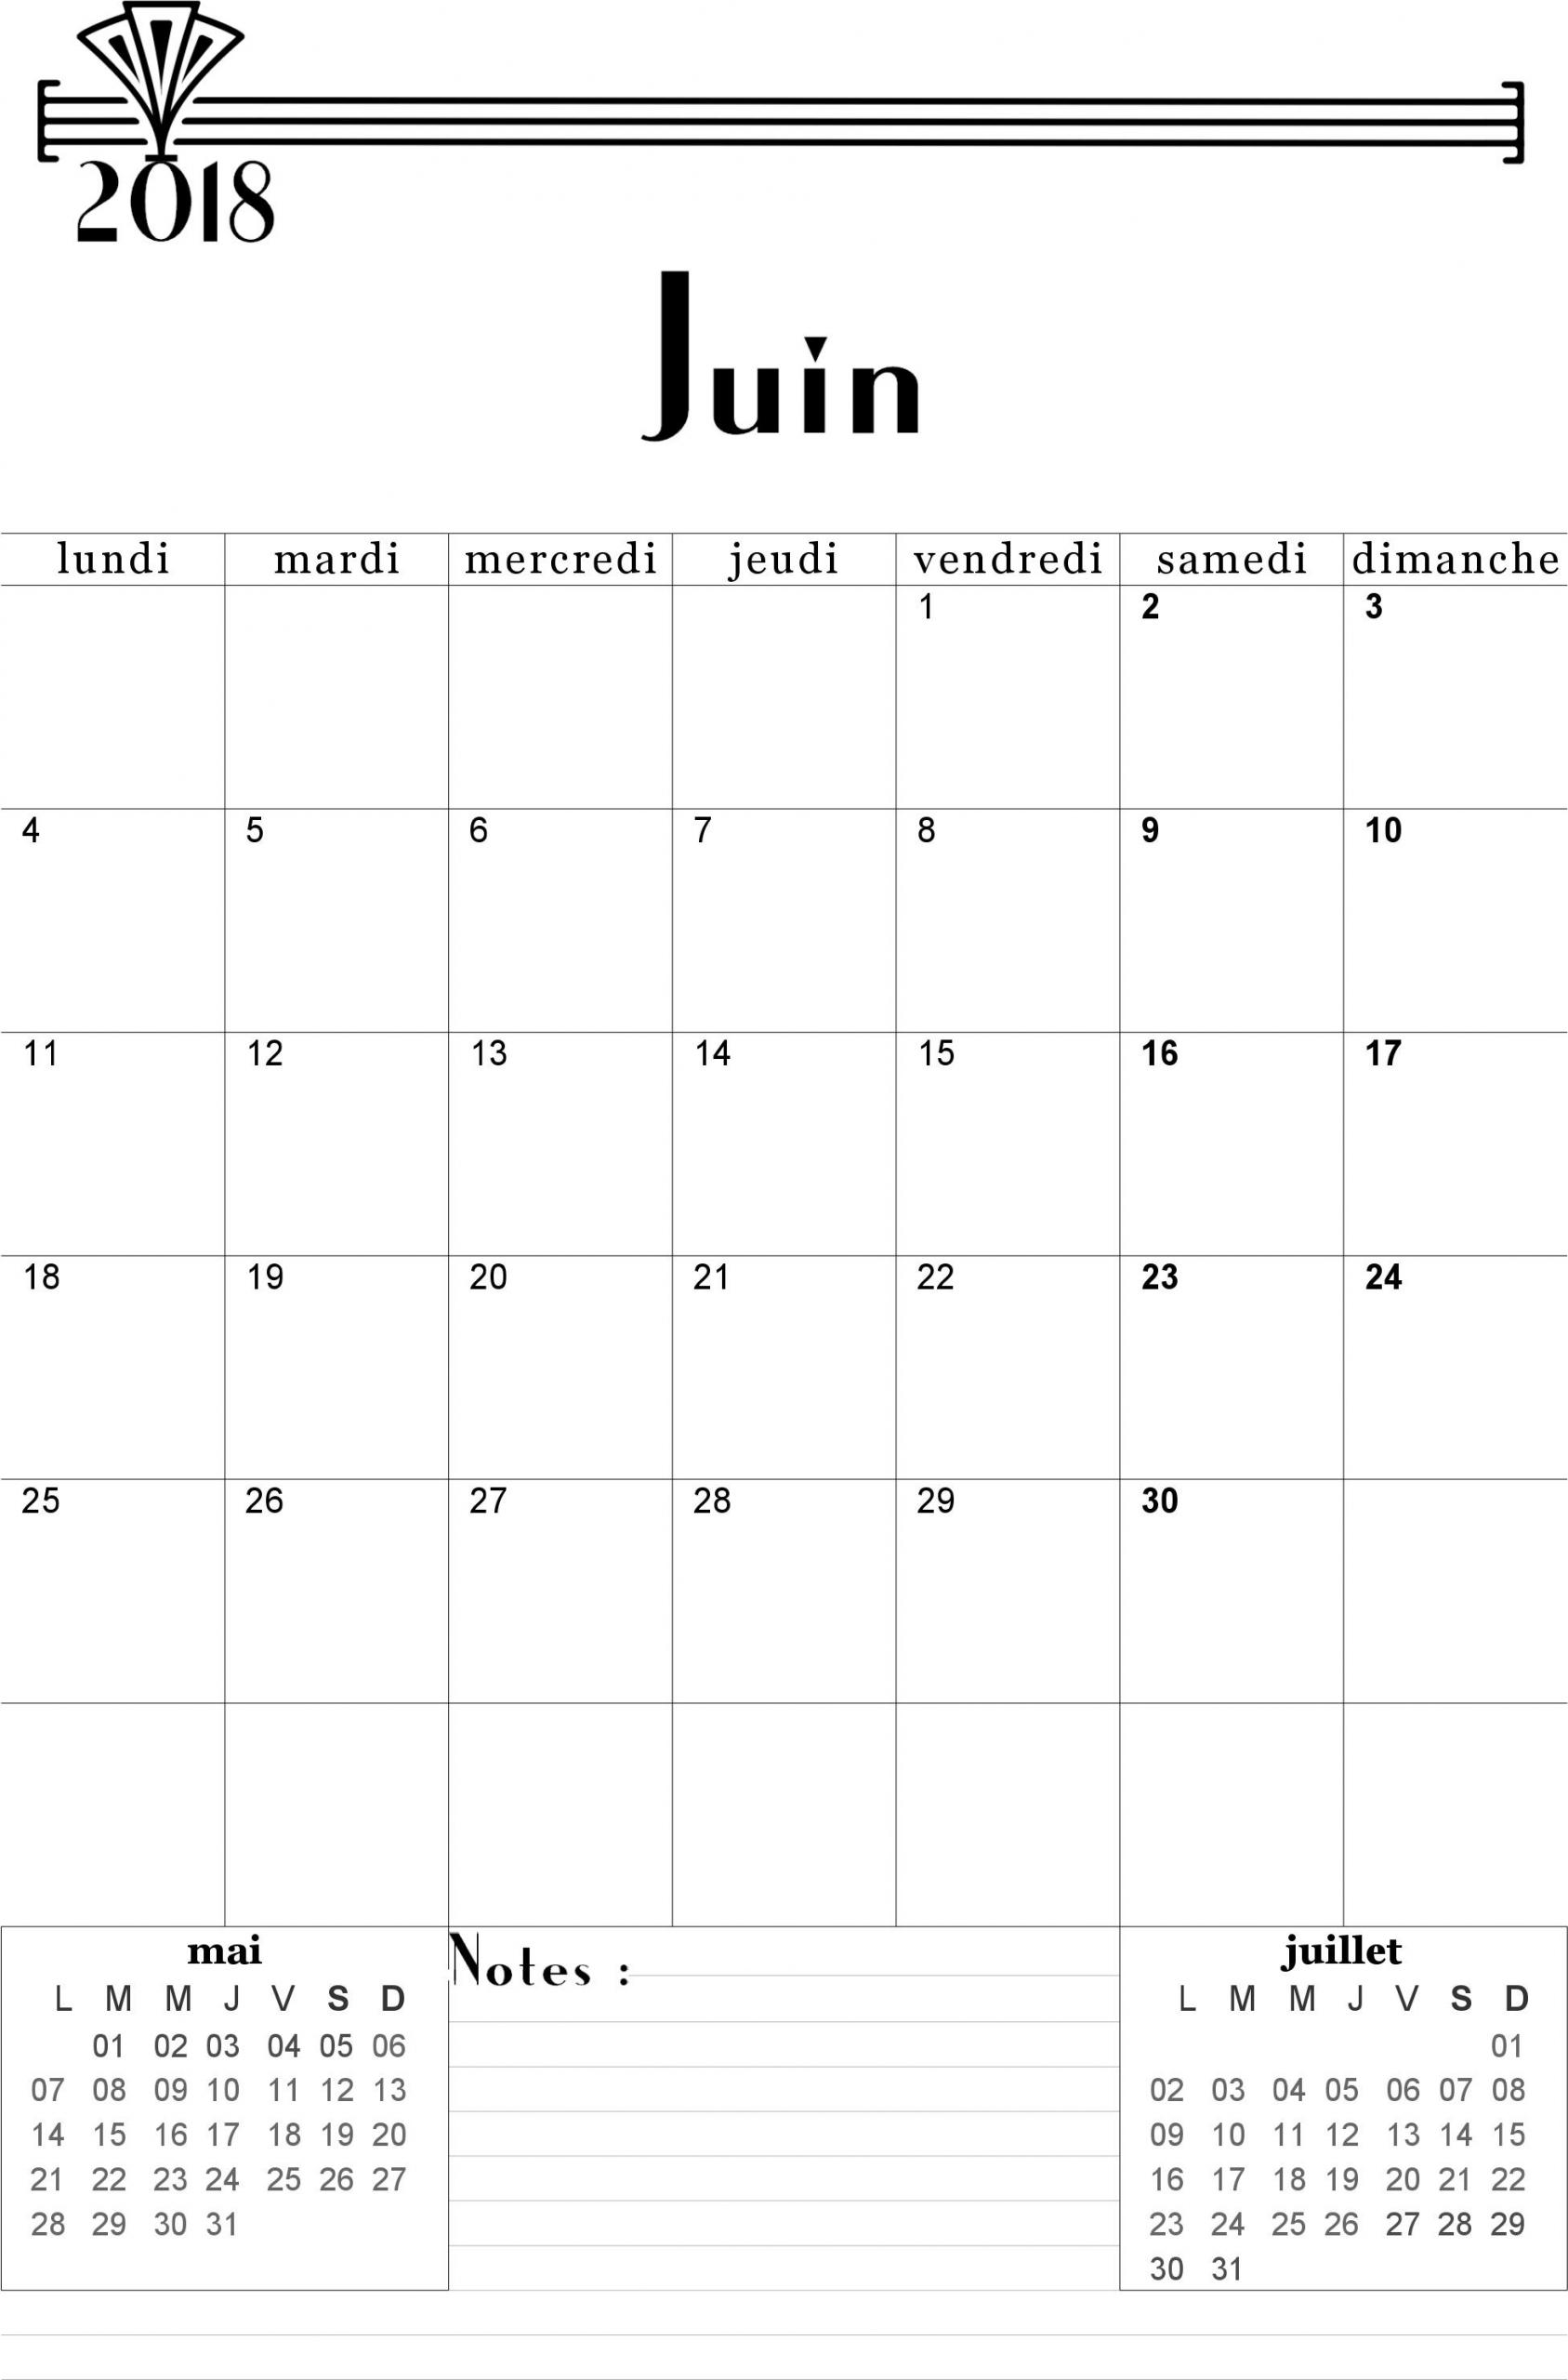 Calendrier Juin 2018 À Imprimer. (Avec Images) | Calendrier tout Imprimer Un Calendrier 2017